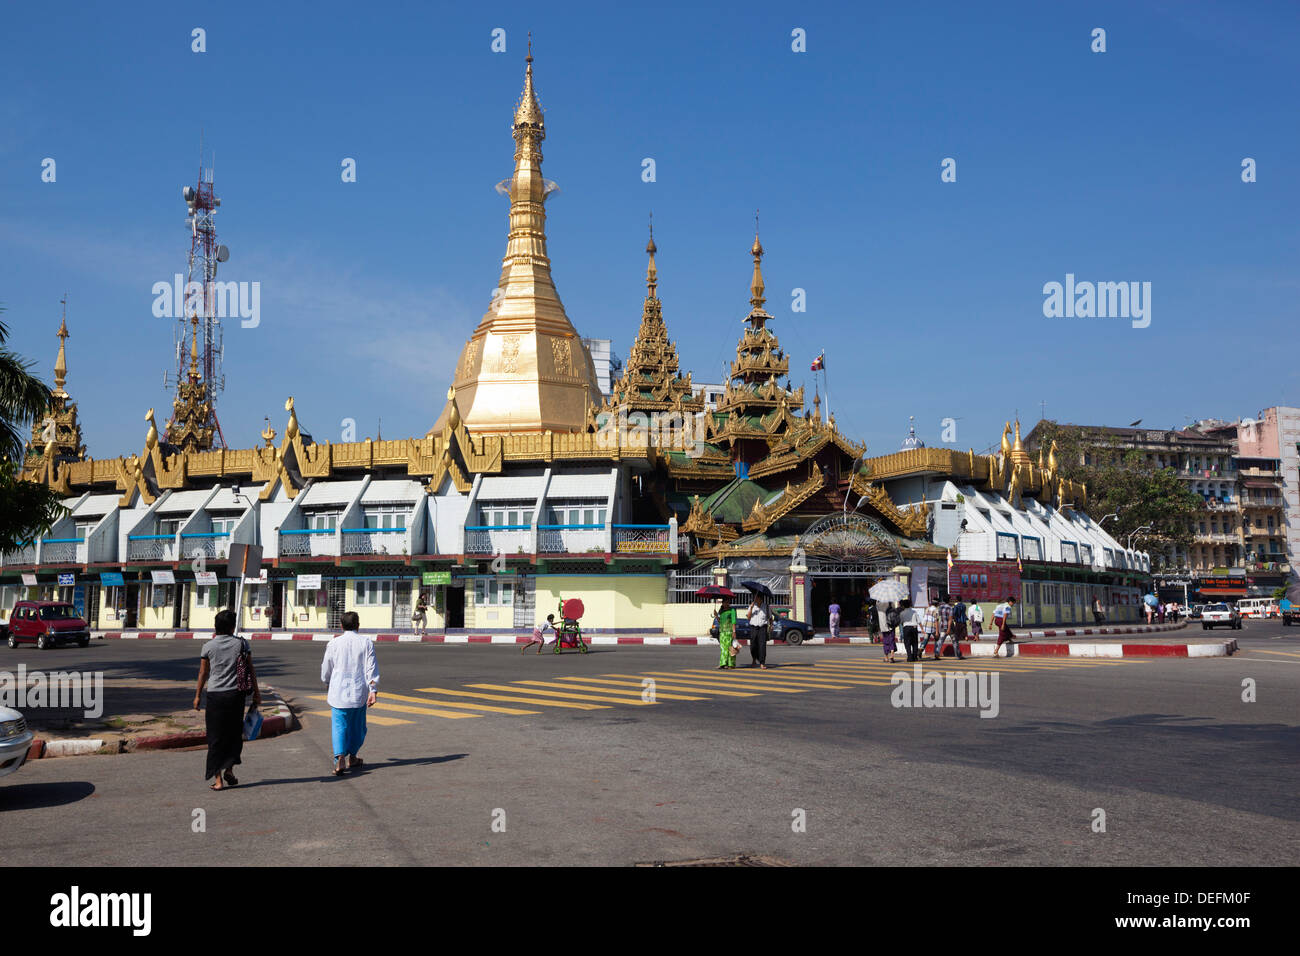 Rond-point sur la pagode Sule, Yangon (Rangoon), région de Yangon, Myanmar (Birmanie), l'Asie Photo Stock